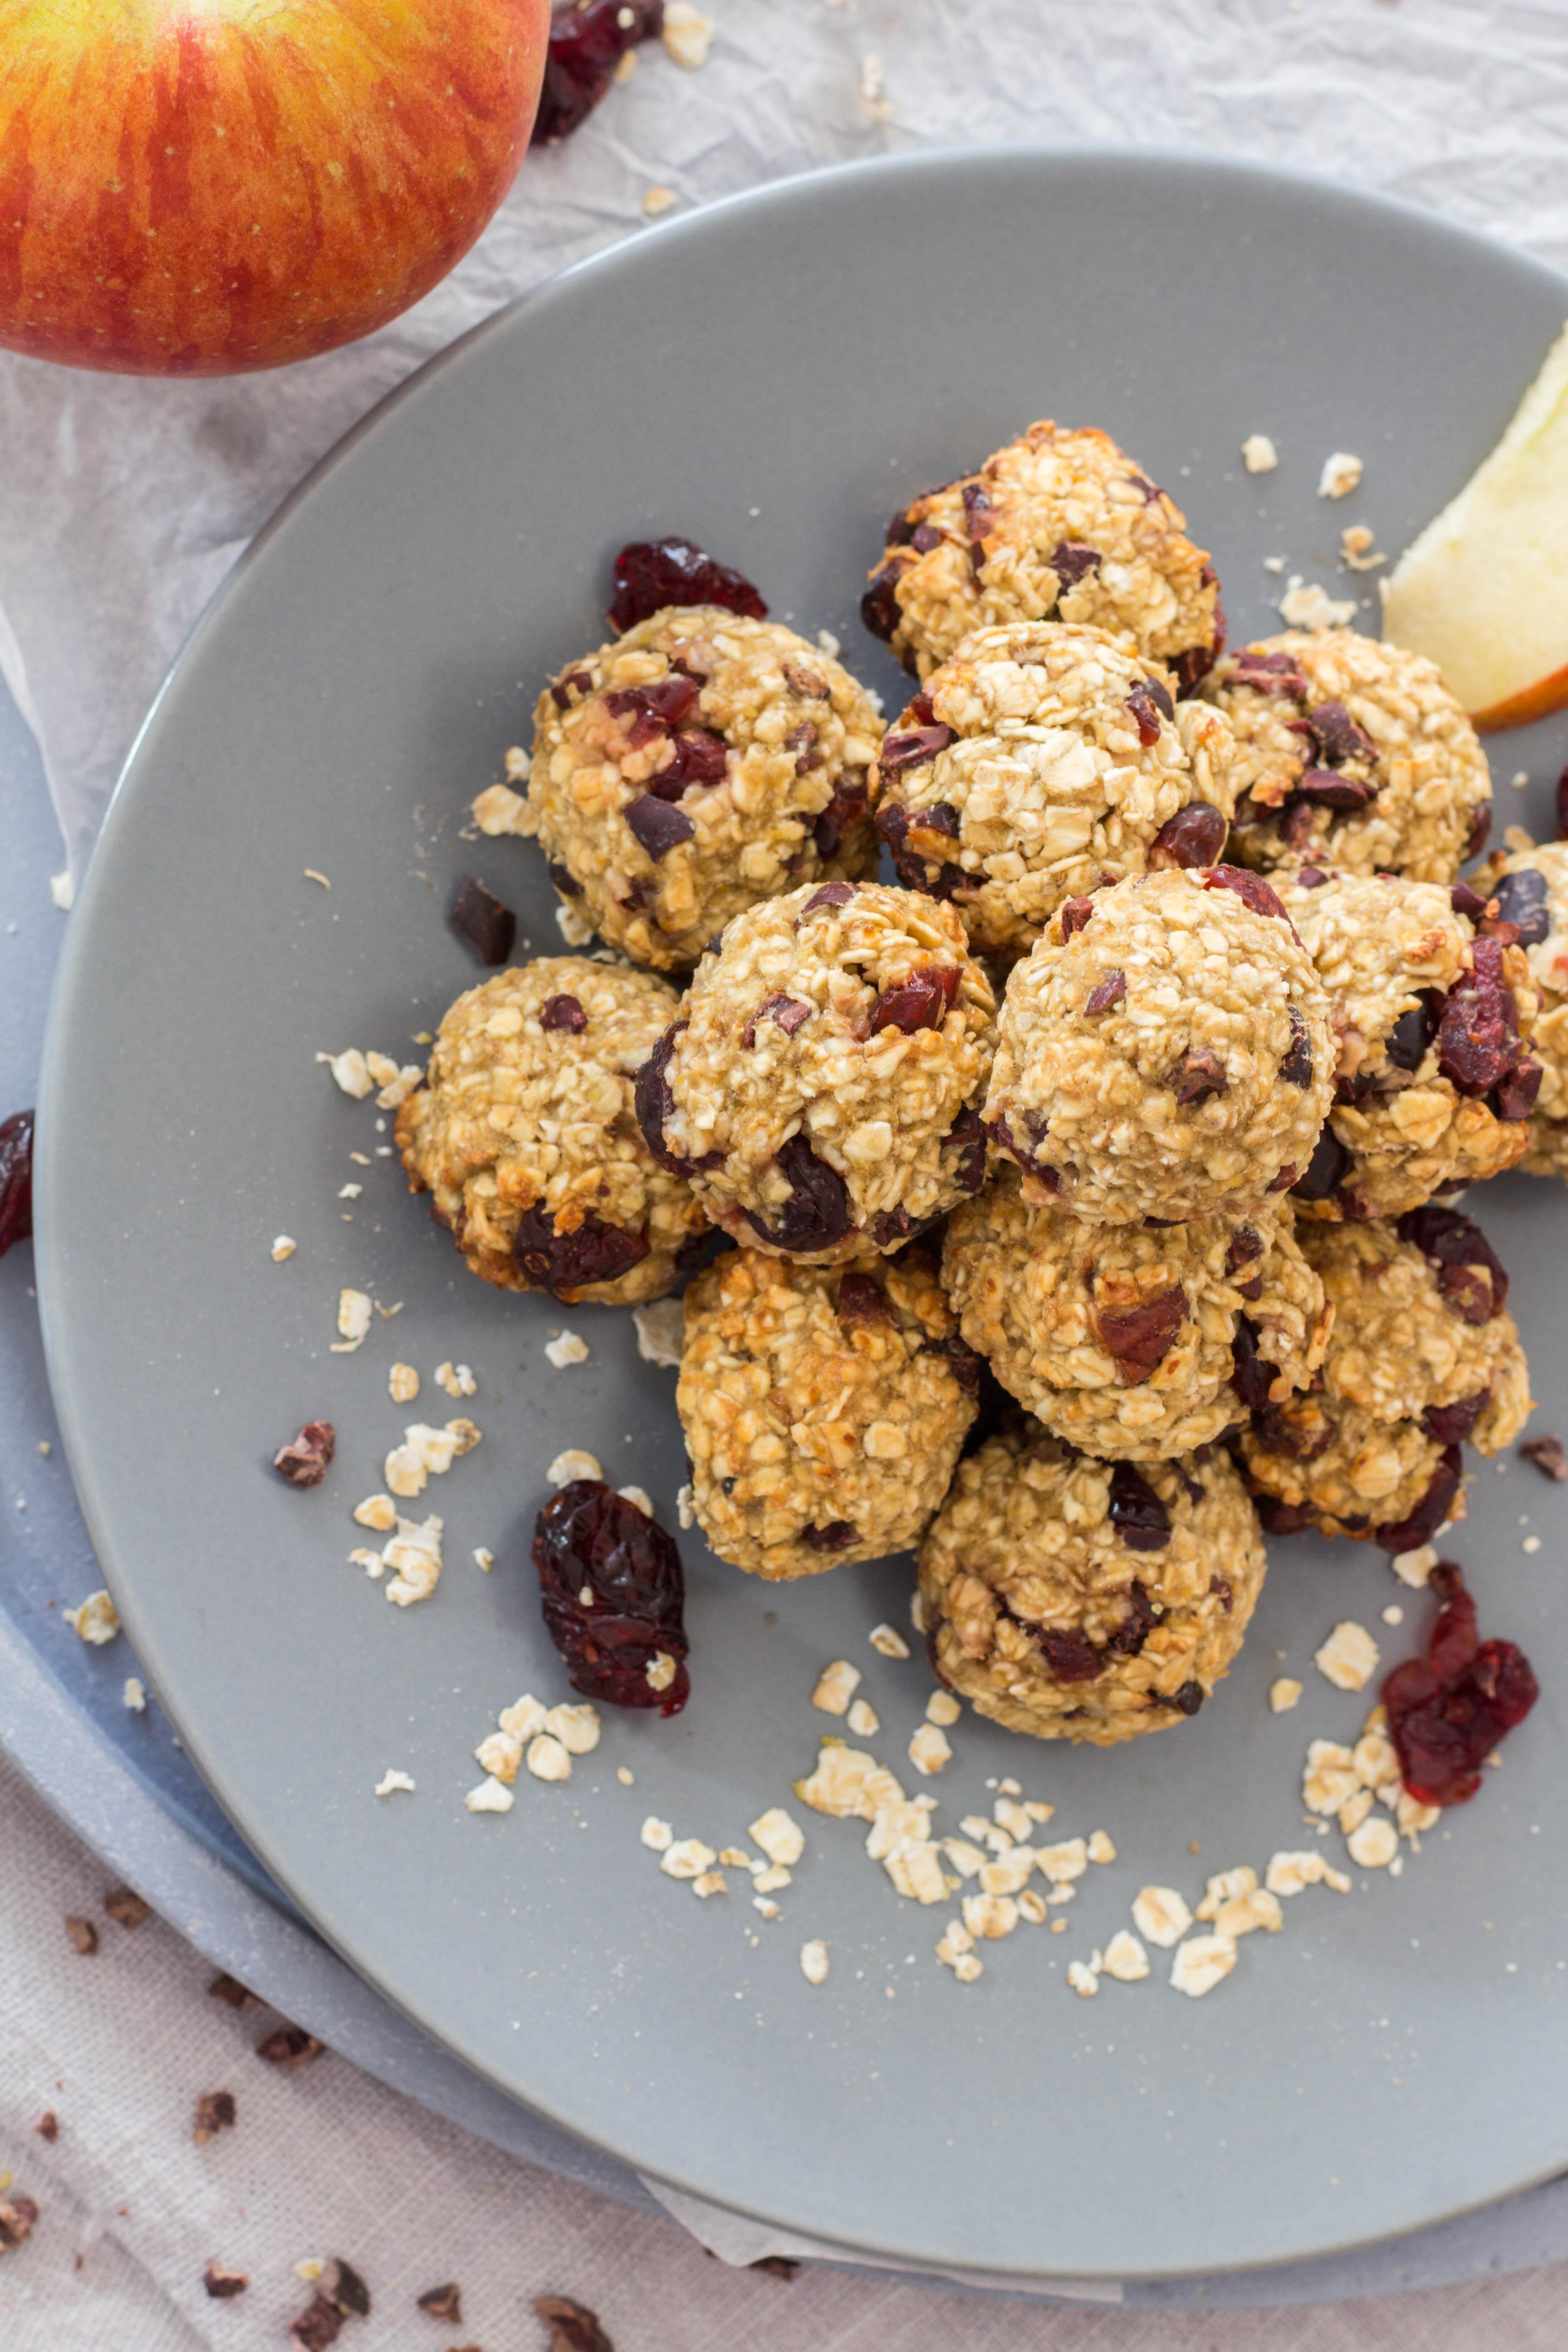 Müslikugeln - lecker und gesund. Mit Haferflocken, Apfelmus, Cranberries und Kakao Nibs. Lieblingszwei.de